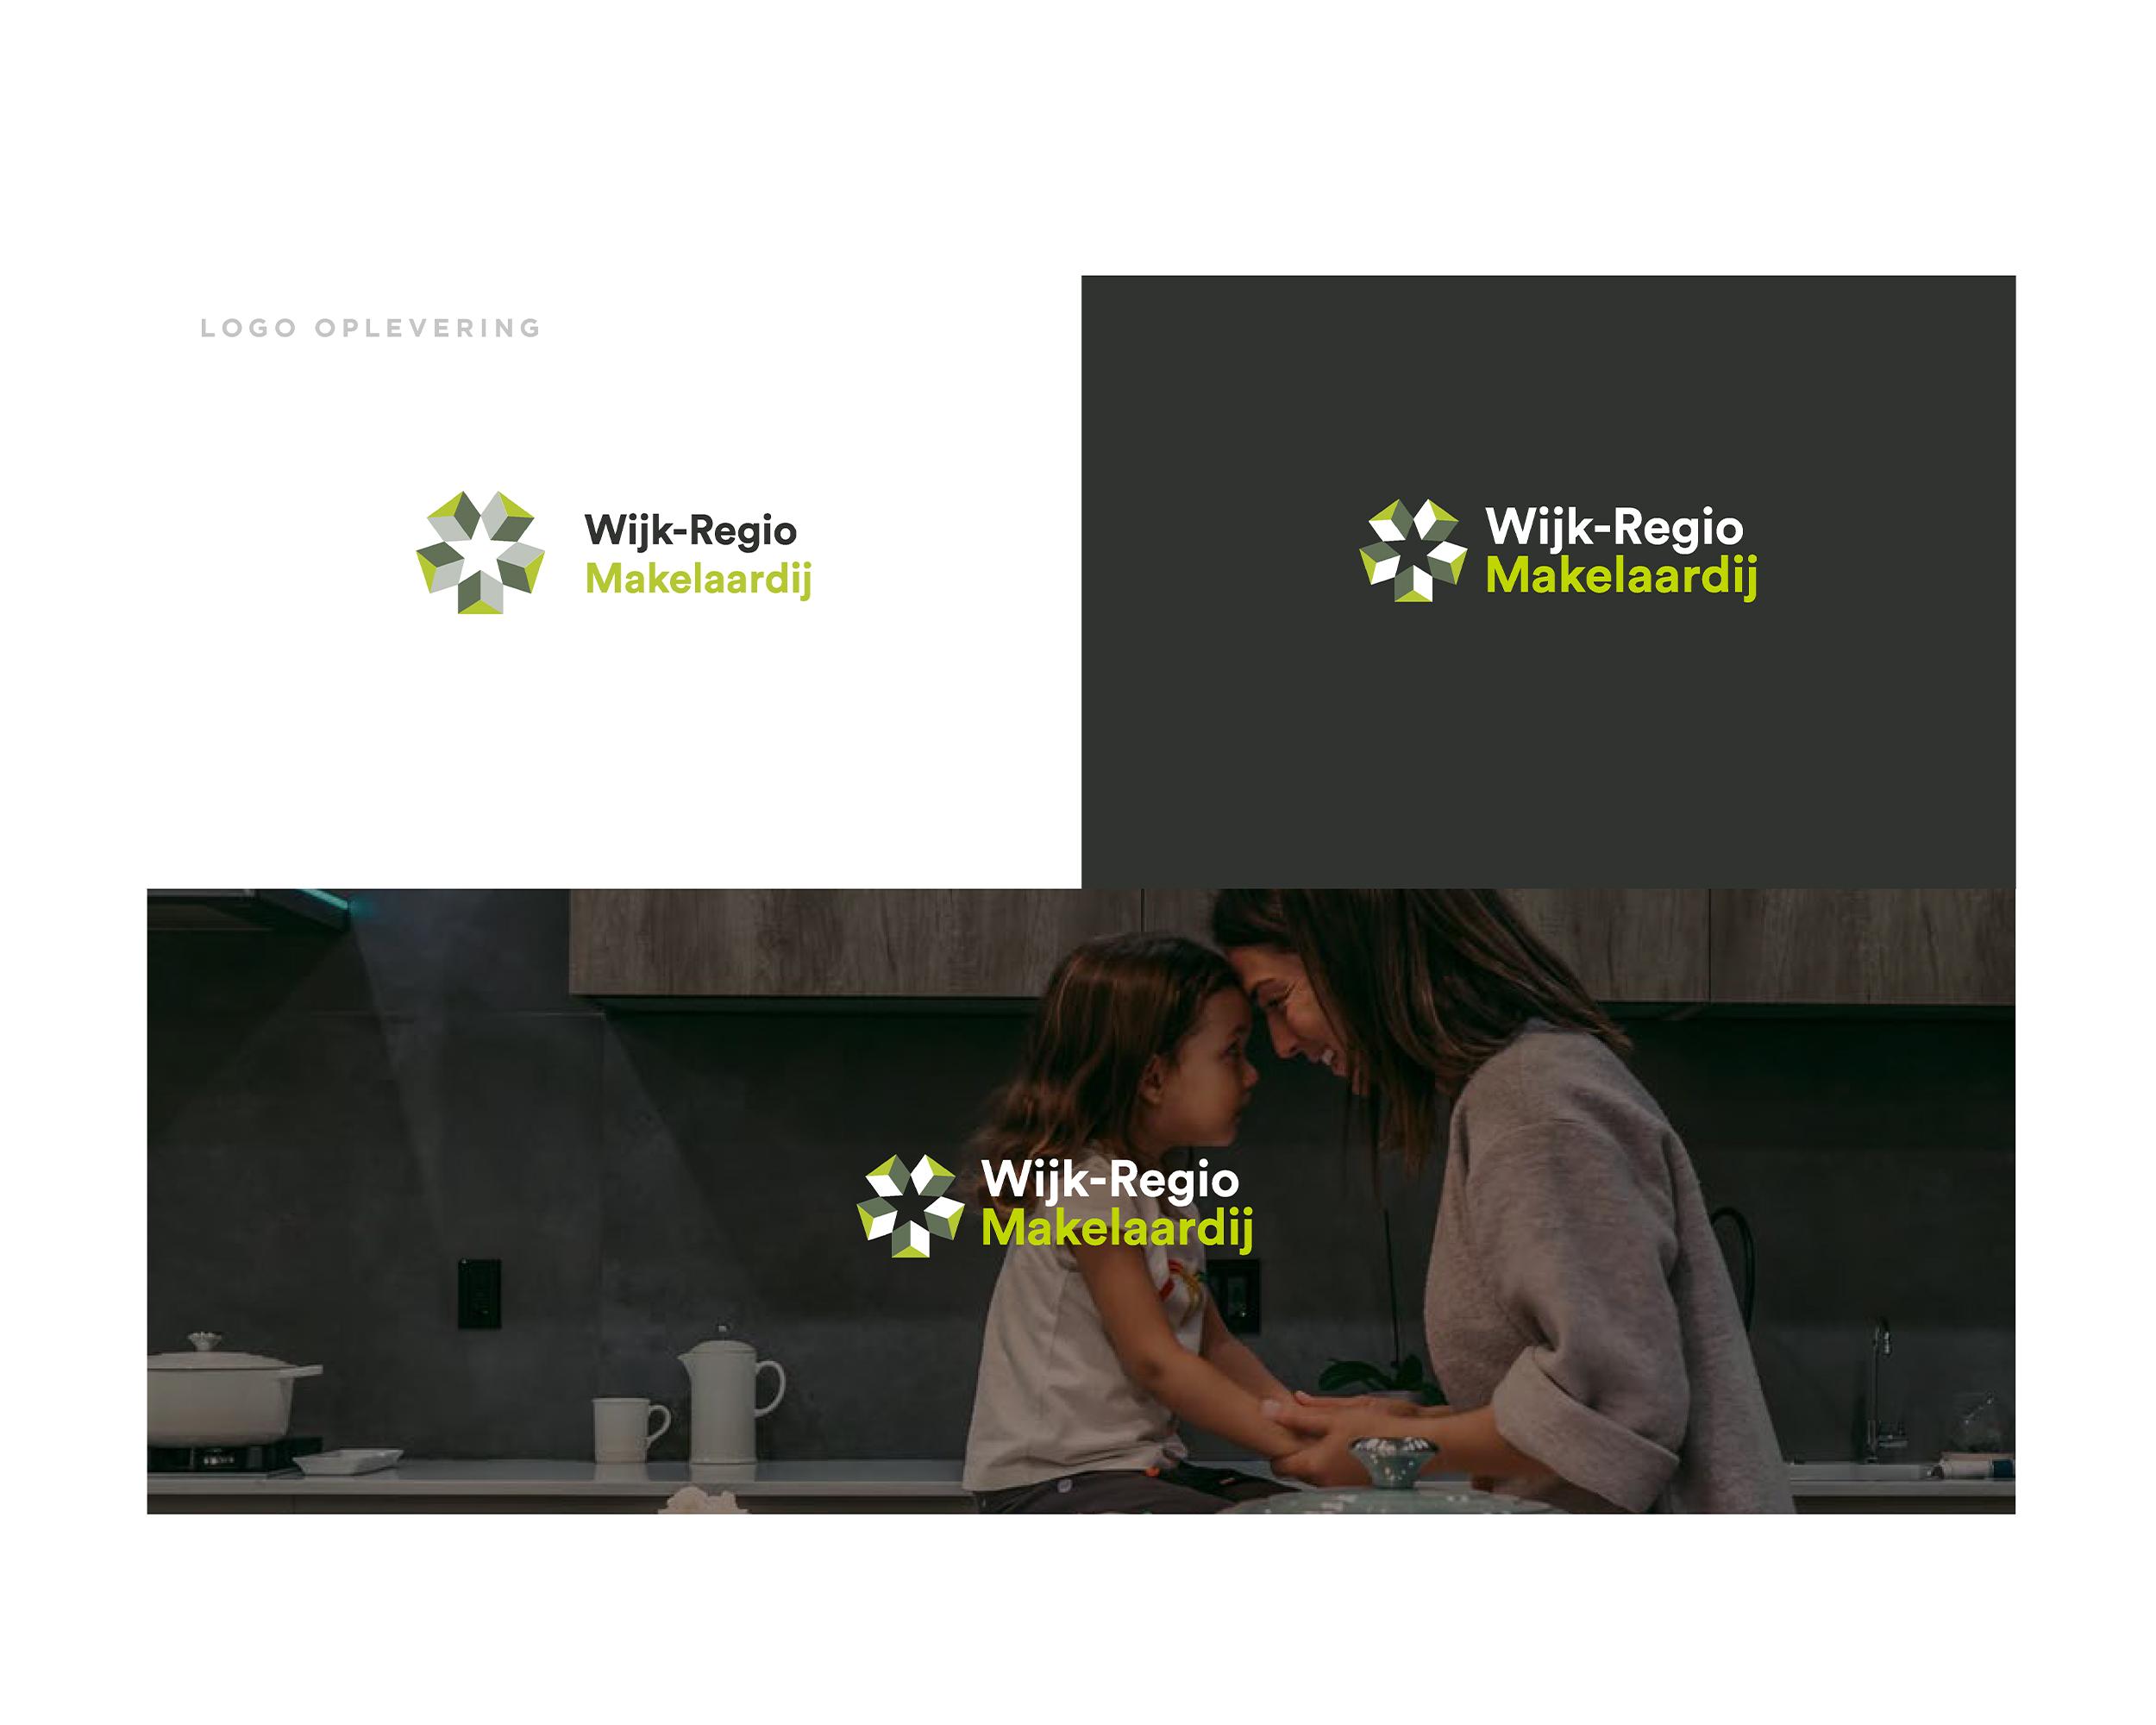 Assets_Wijk-Regio_Makelaardij_2